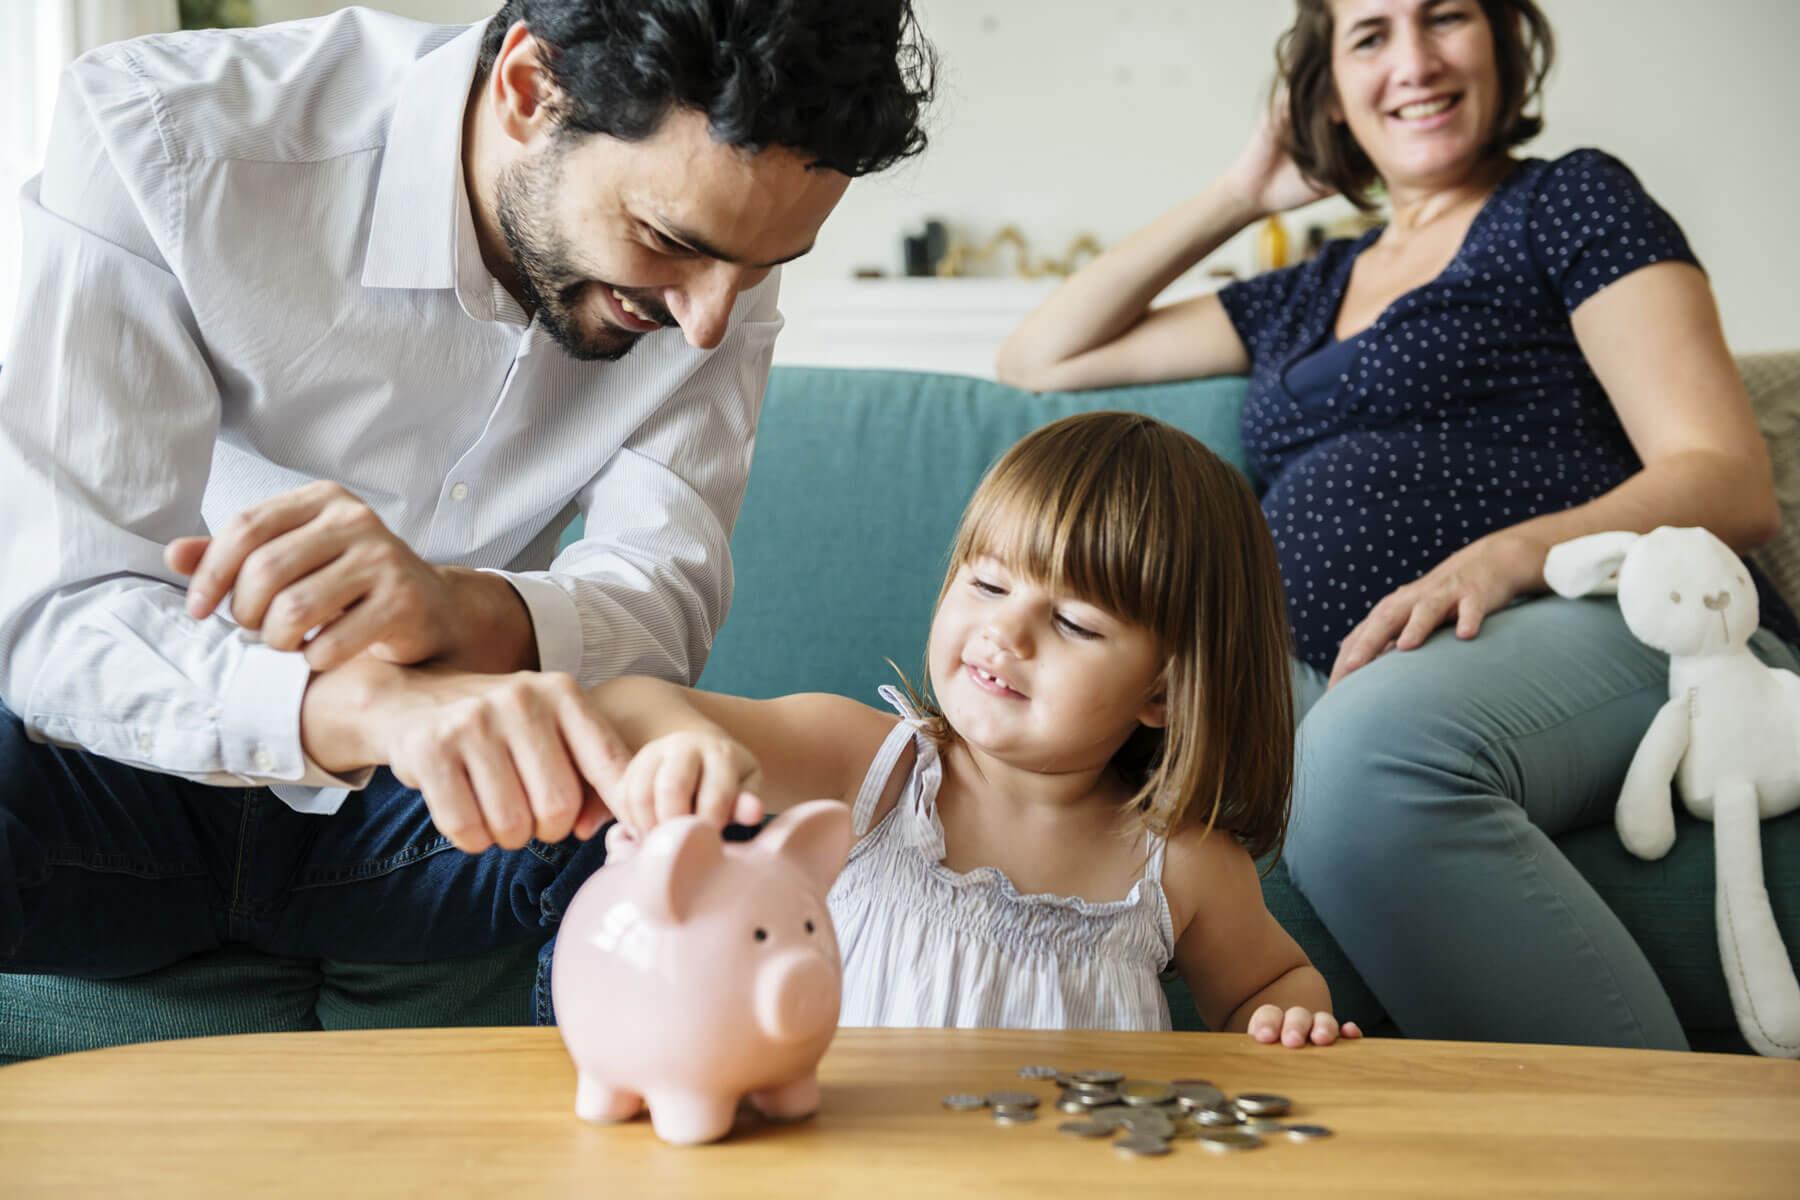 Выплаты молодой семье при рождении ребенка в 2020 году